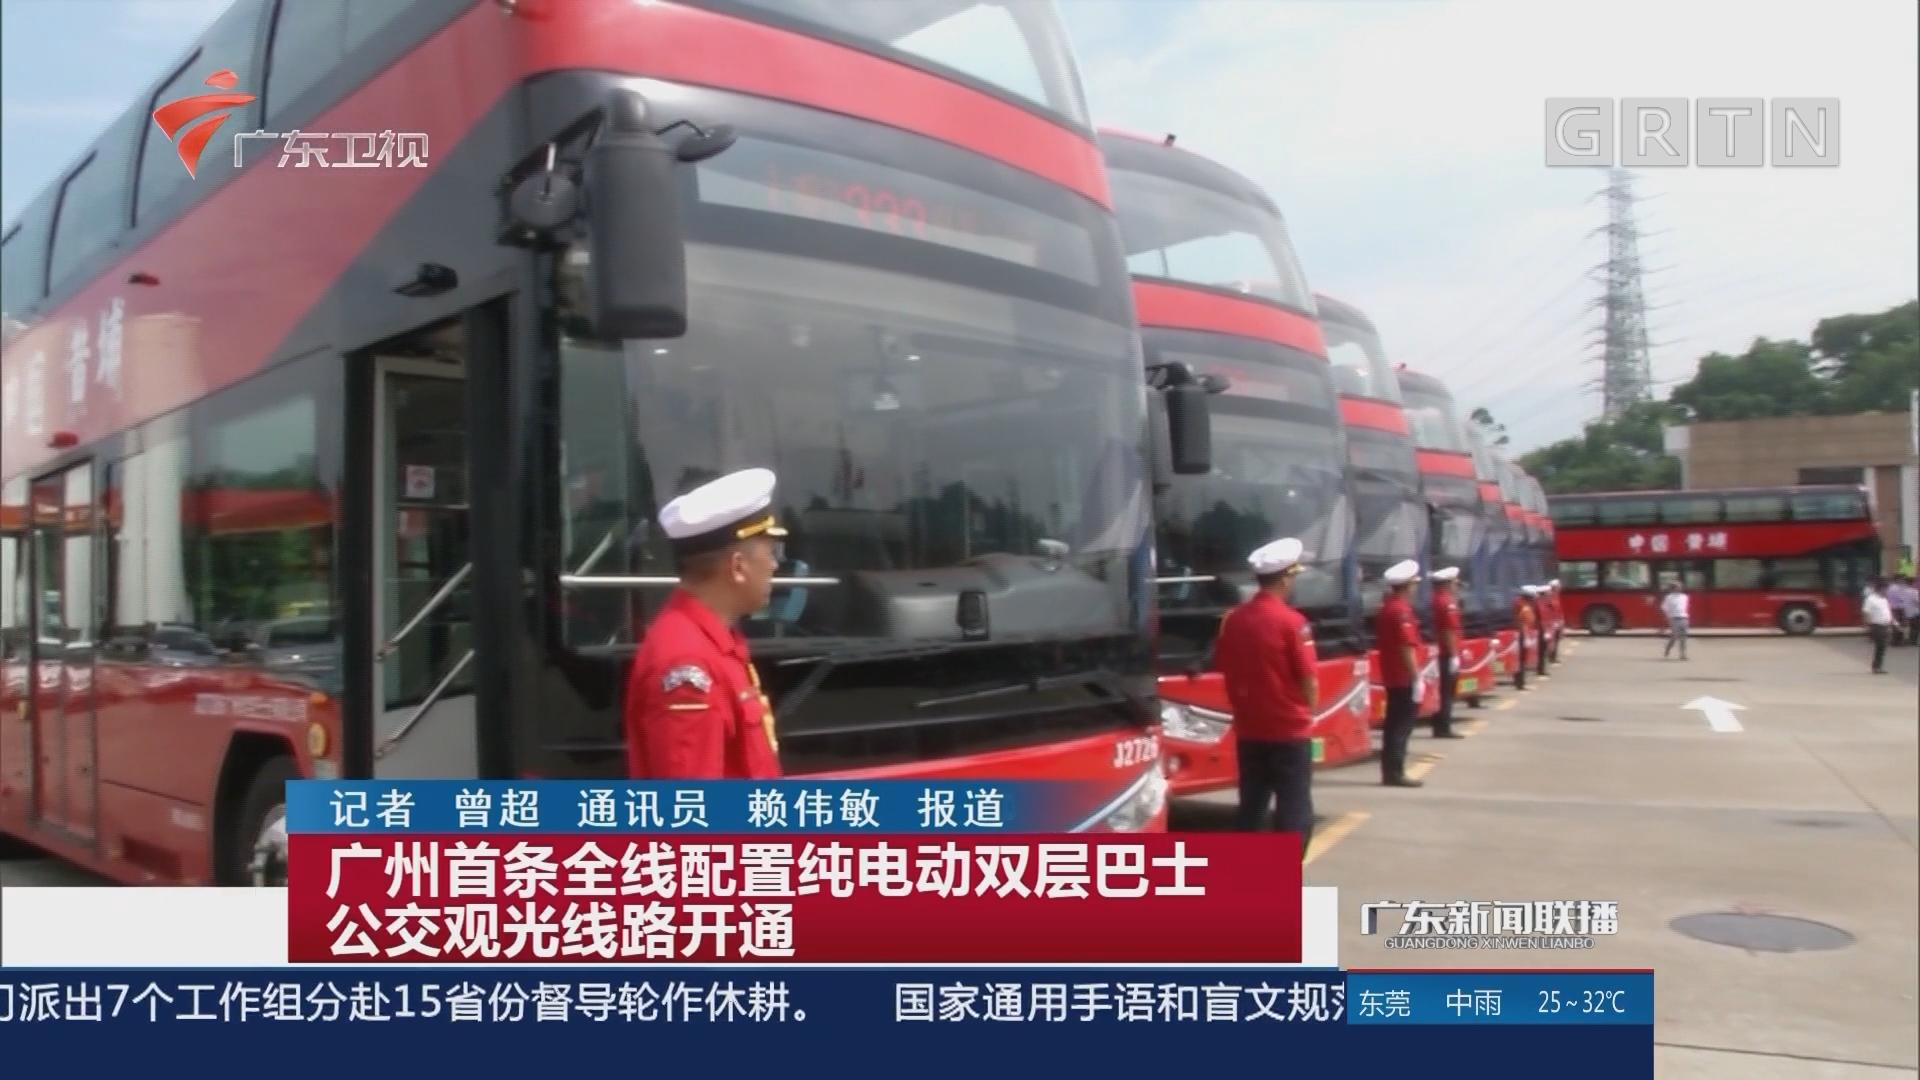 广州首条全线配置纯电动双层巴士公交观光线路开通